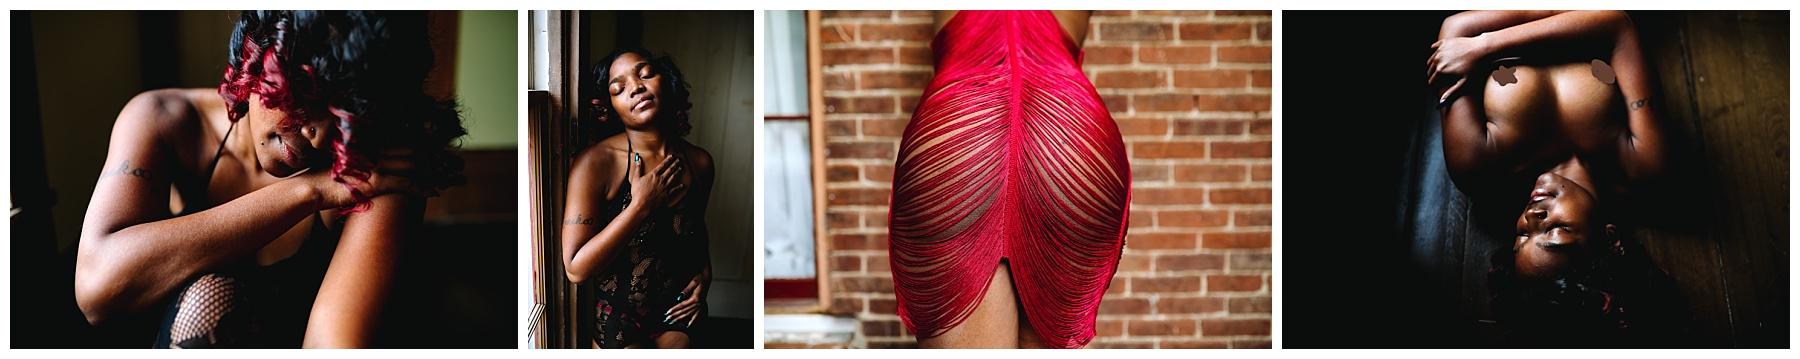 sexy photos | indianapolis boudoir photos | fine art nude | women of color |